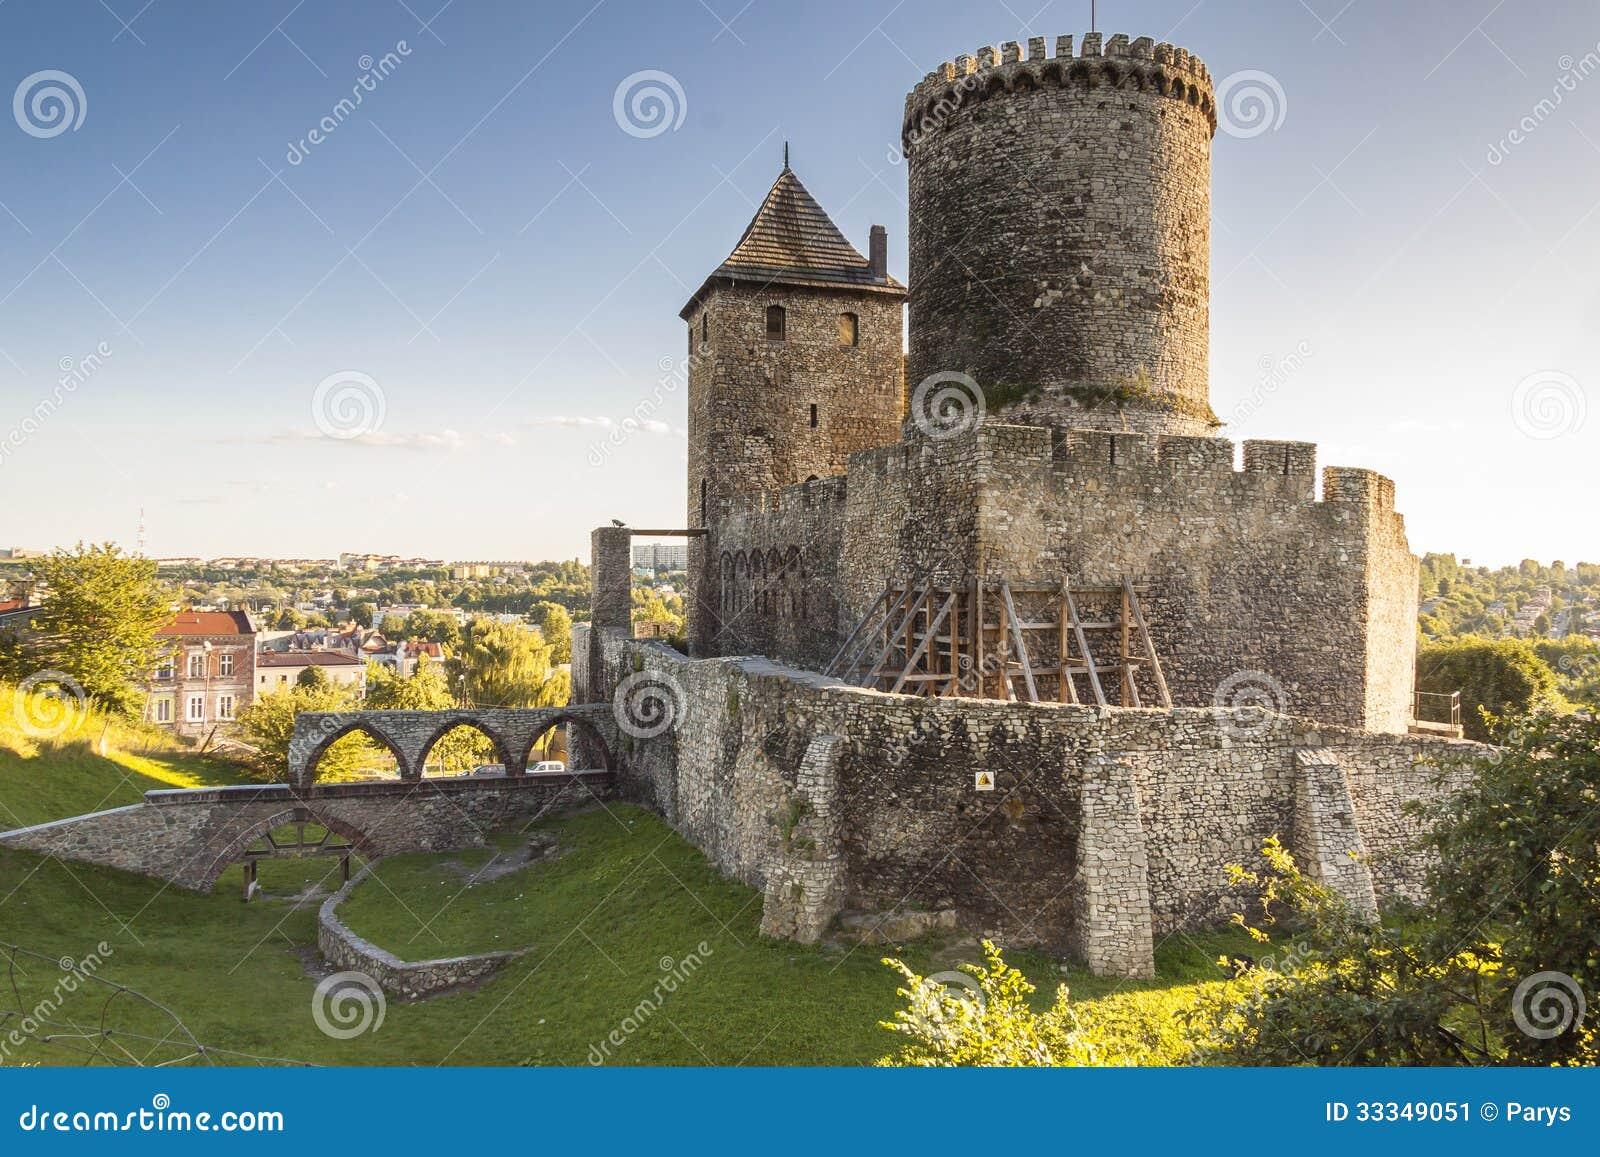 castle bedzin poland medieval - photo #5